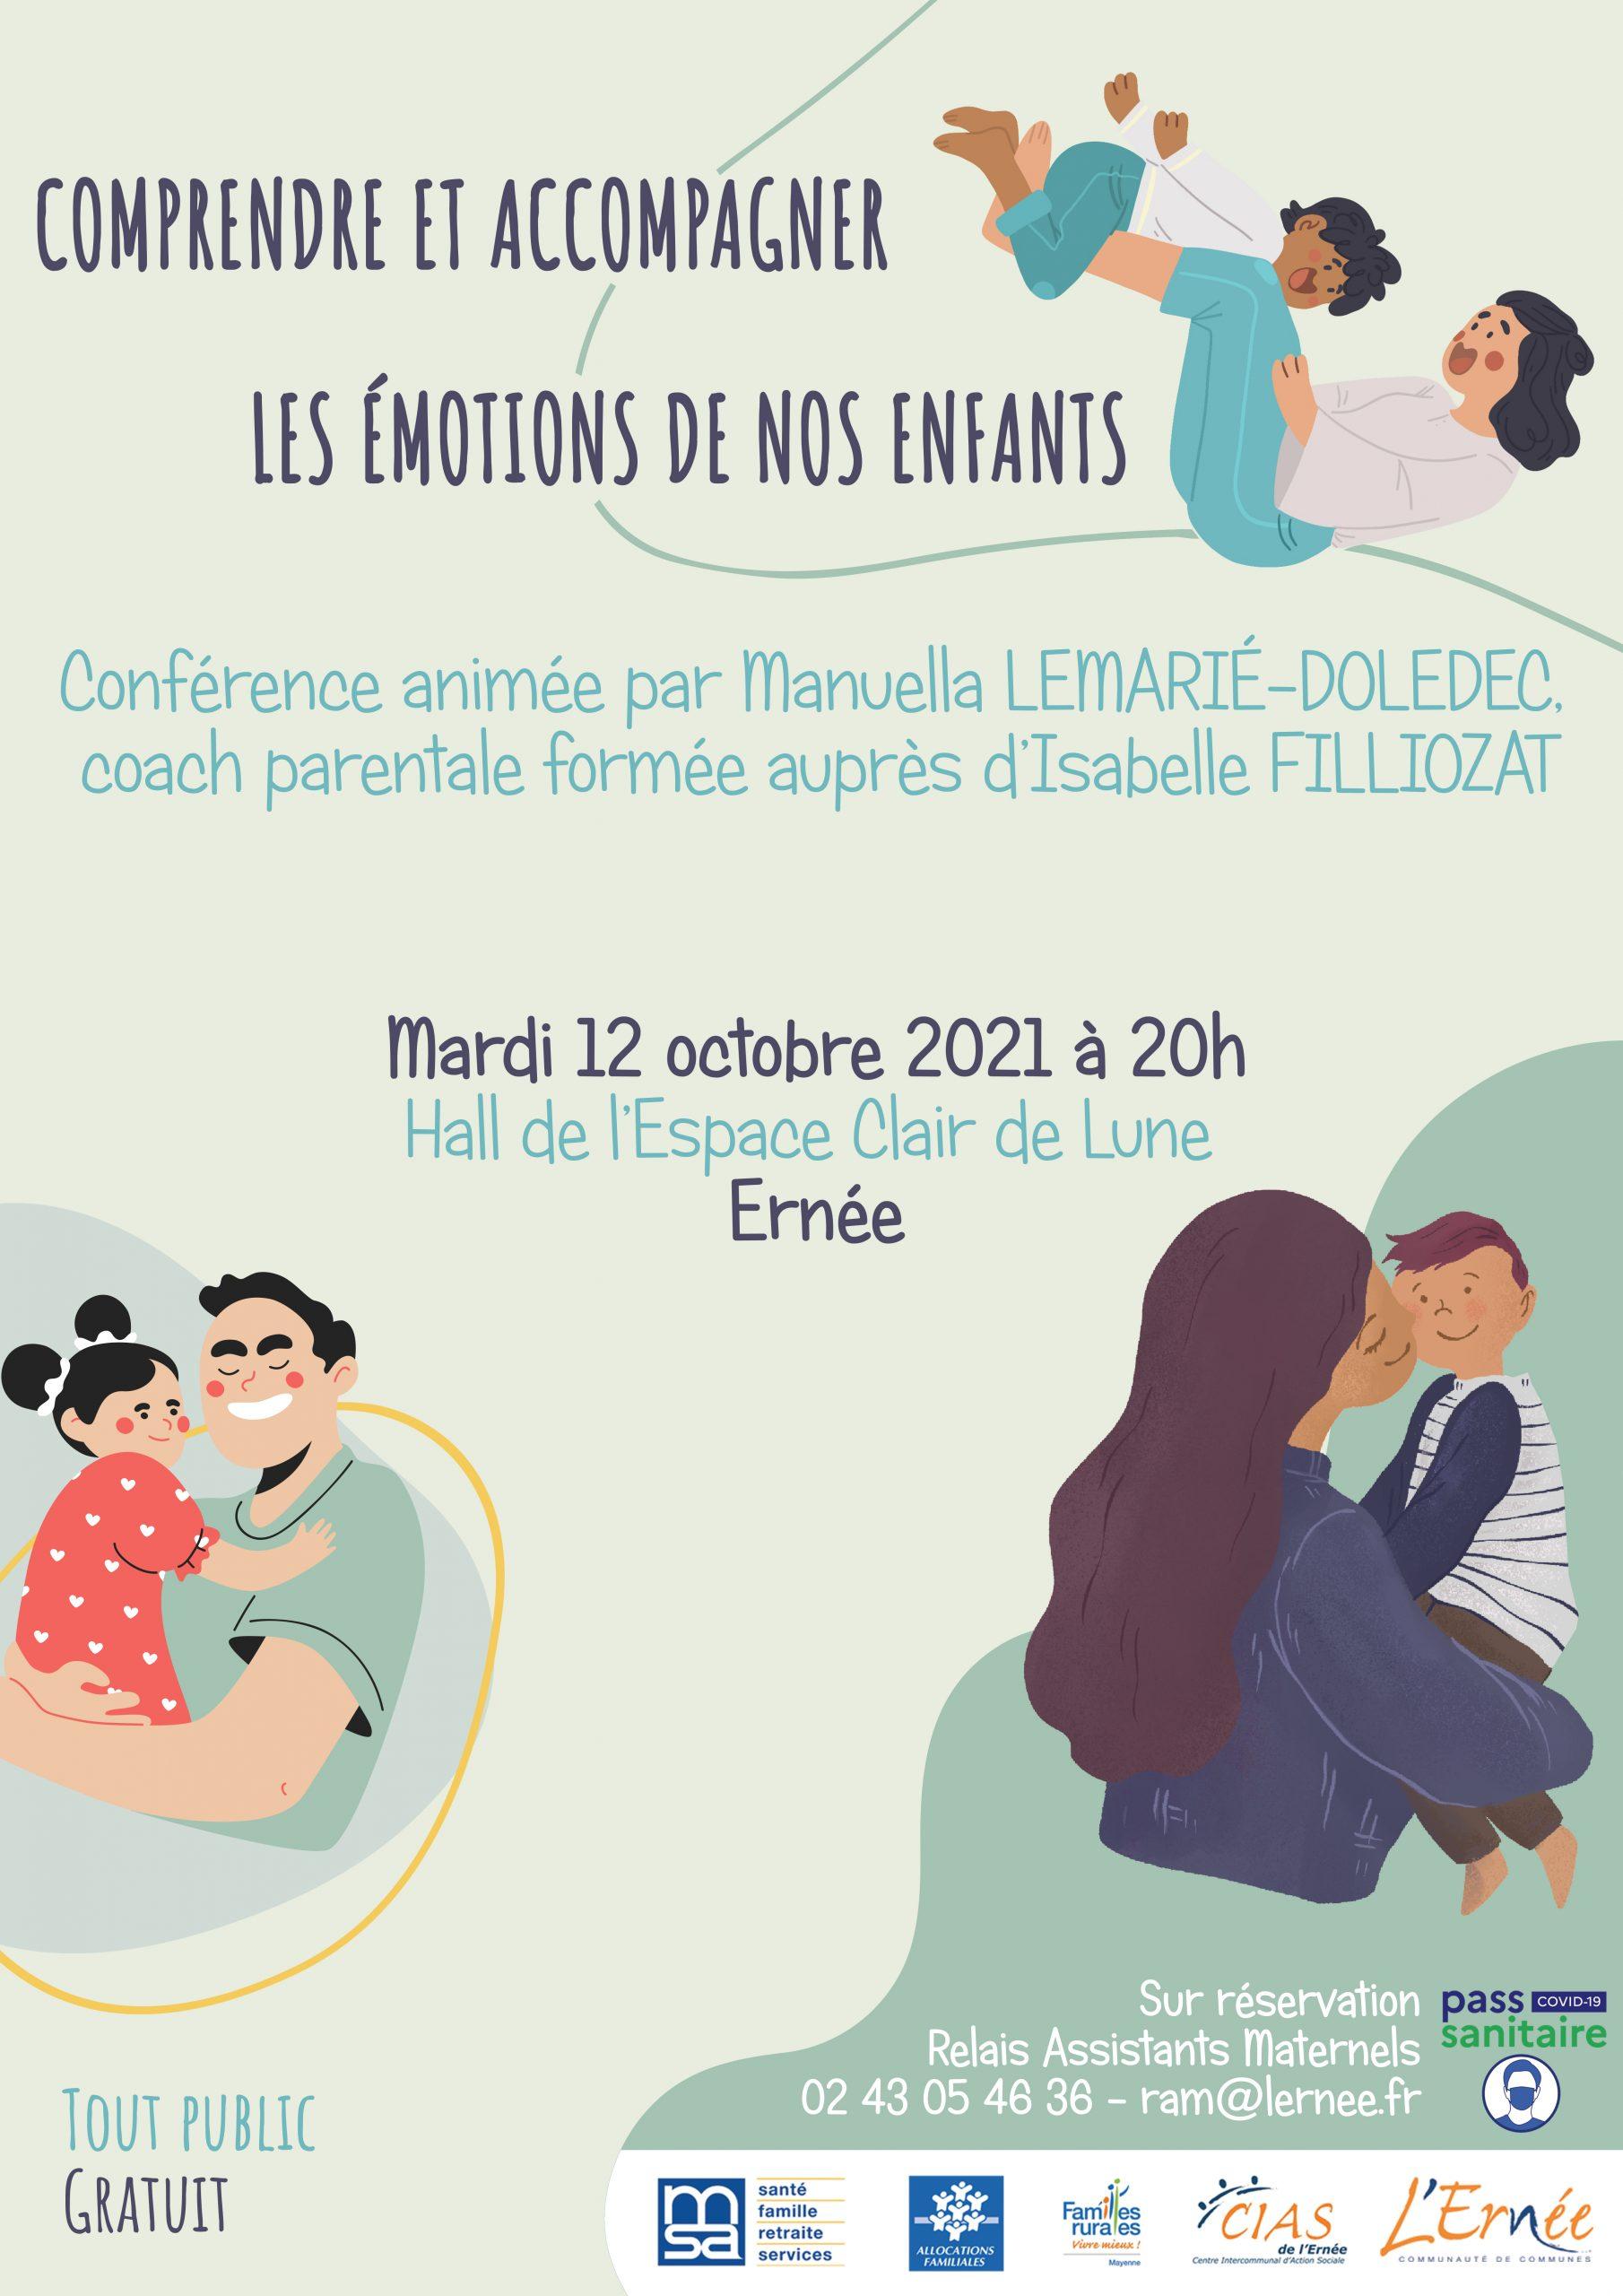 Conférence : Comprendre et accompagner les émotions de nos enfants